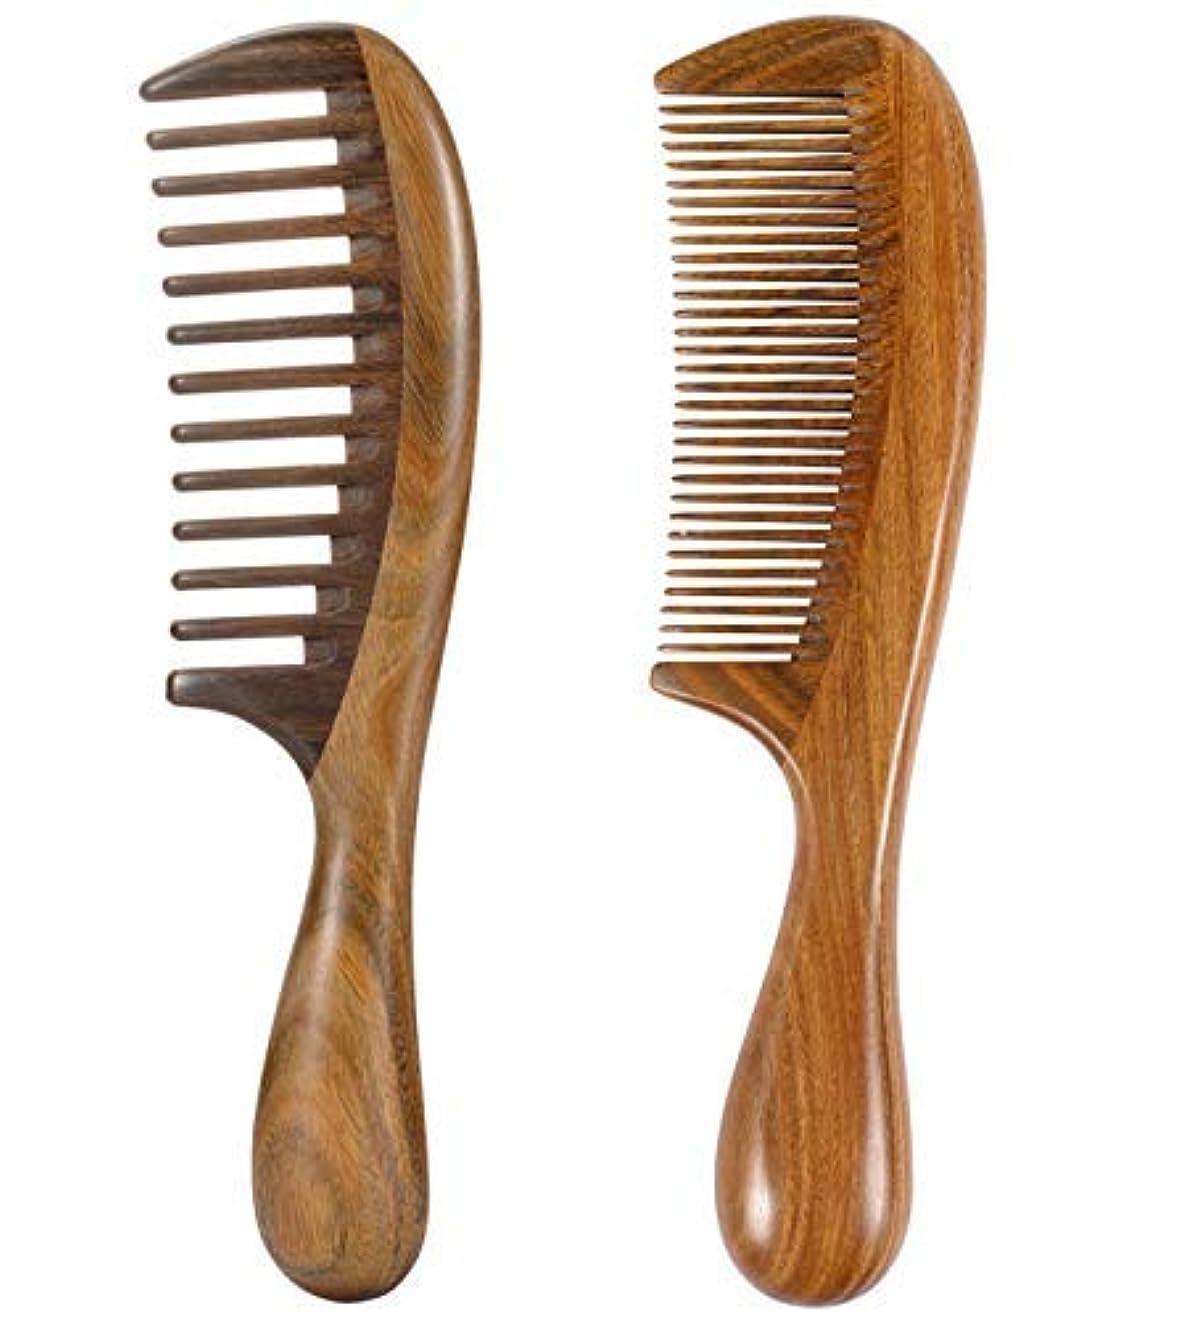 動的検索エンジン最適化慢性的iPang 2pcs Wooden Hair Comb Wide Tooth Comb and Find Tooth Comb Detangling Sandalwood Comb [並行輸入品]